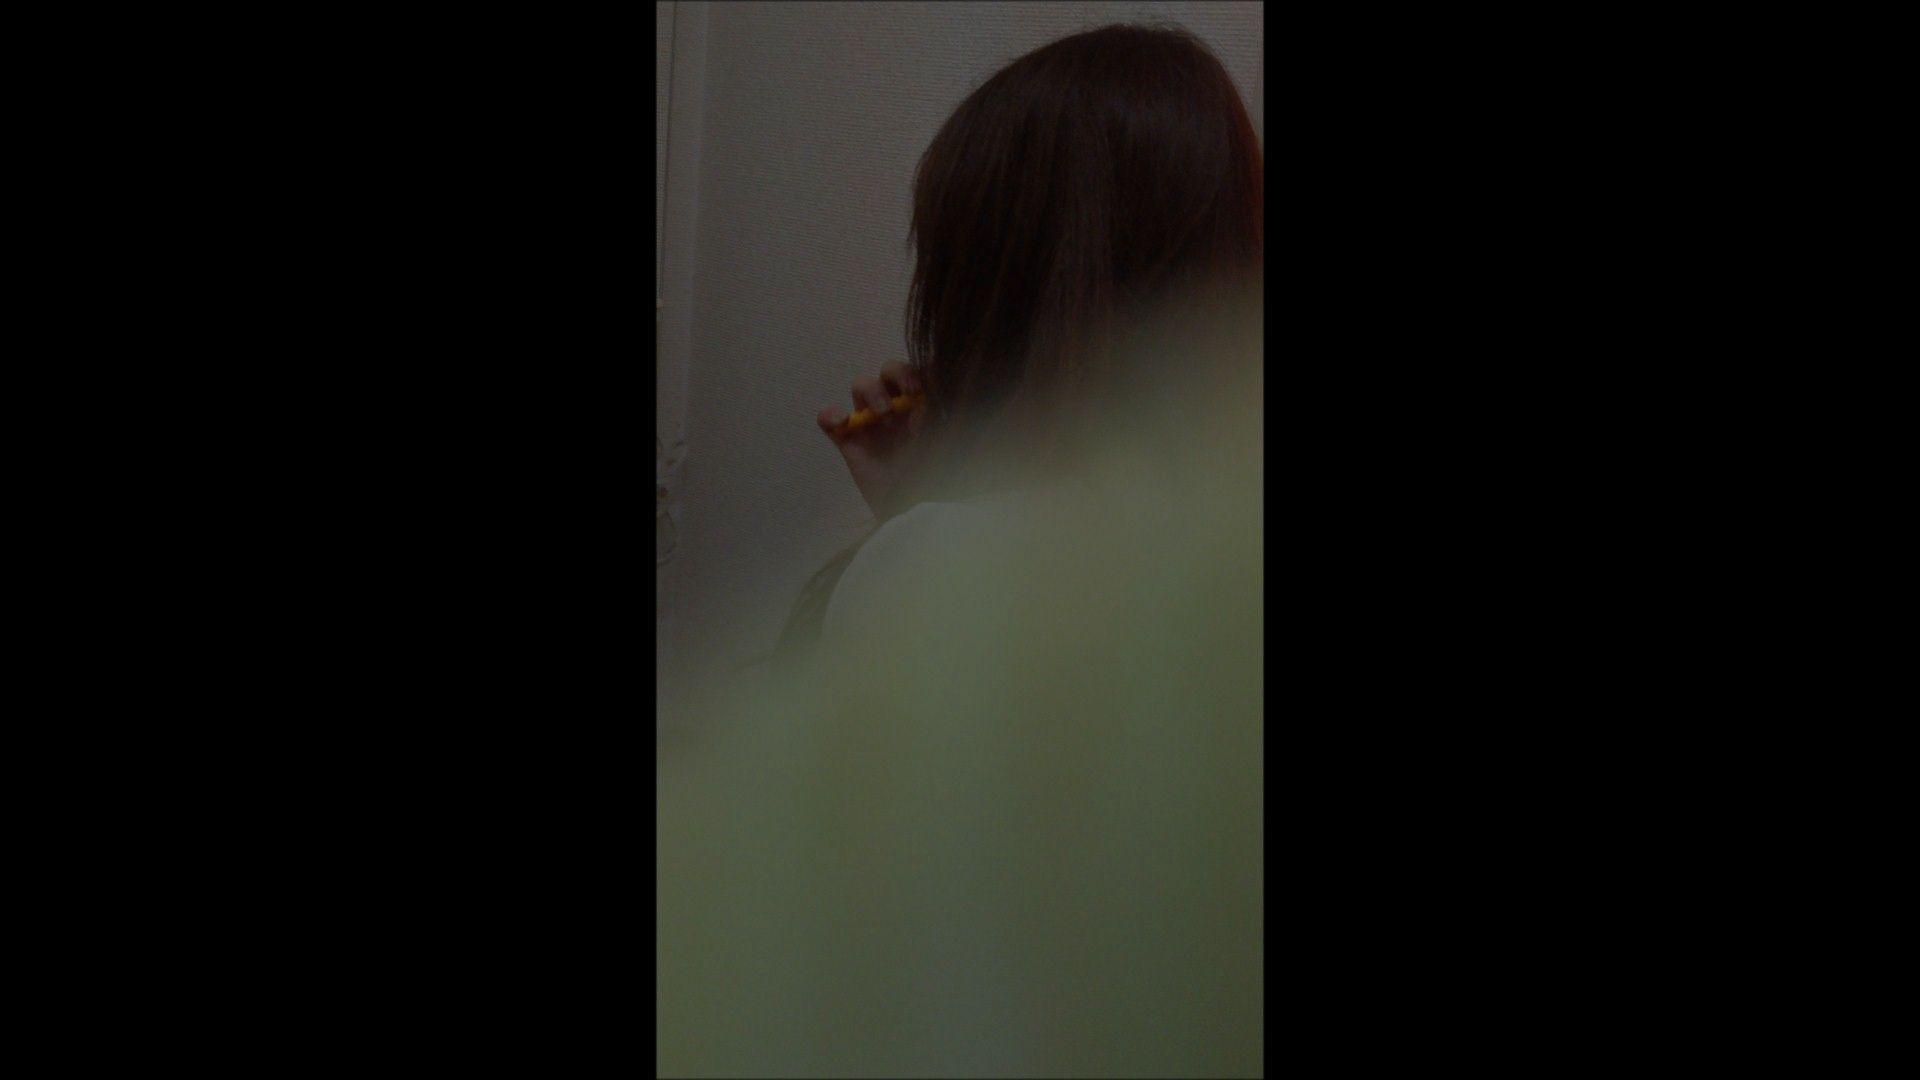 08(8日目)メイク中の彼女の顔を撮りました! 盗撮大放出 性交動画流出 51連発 38